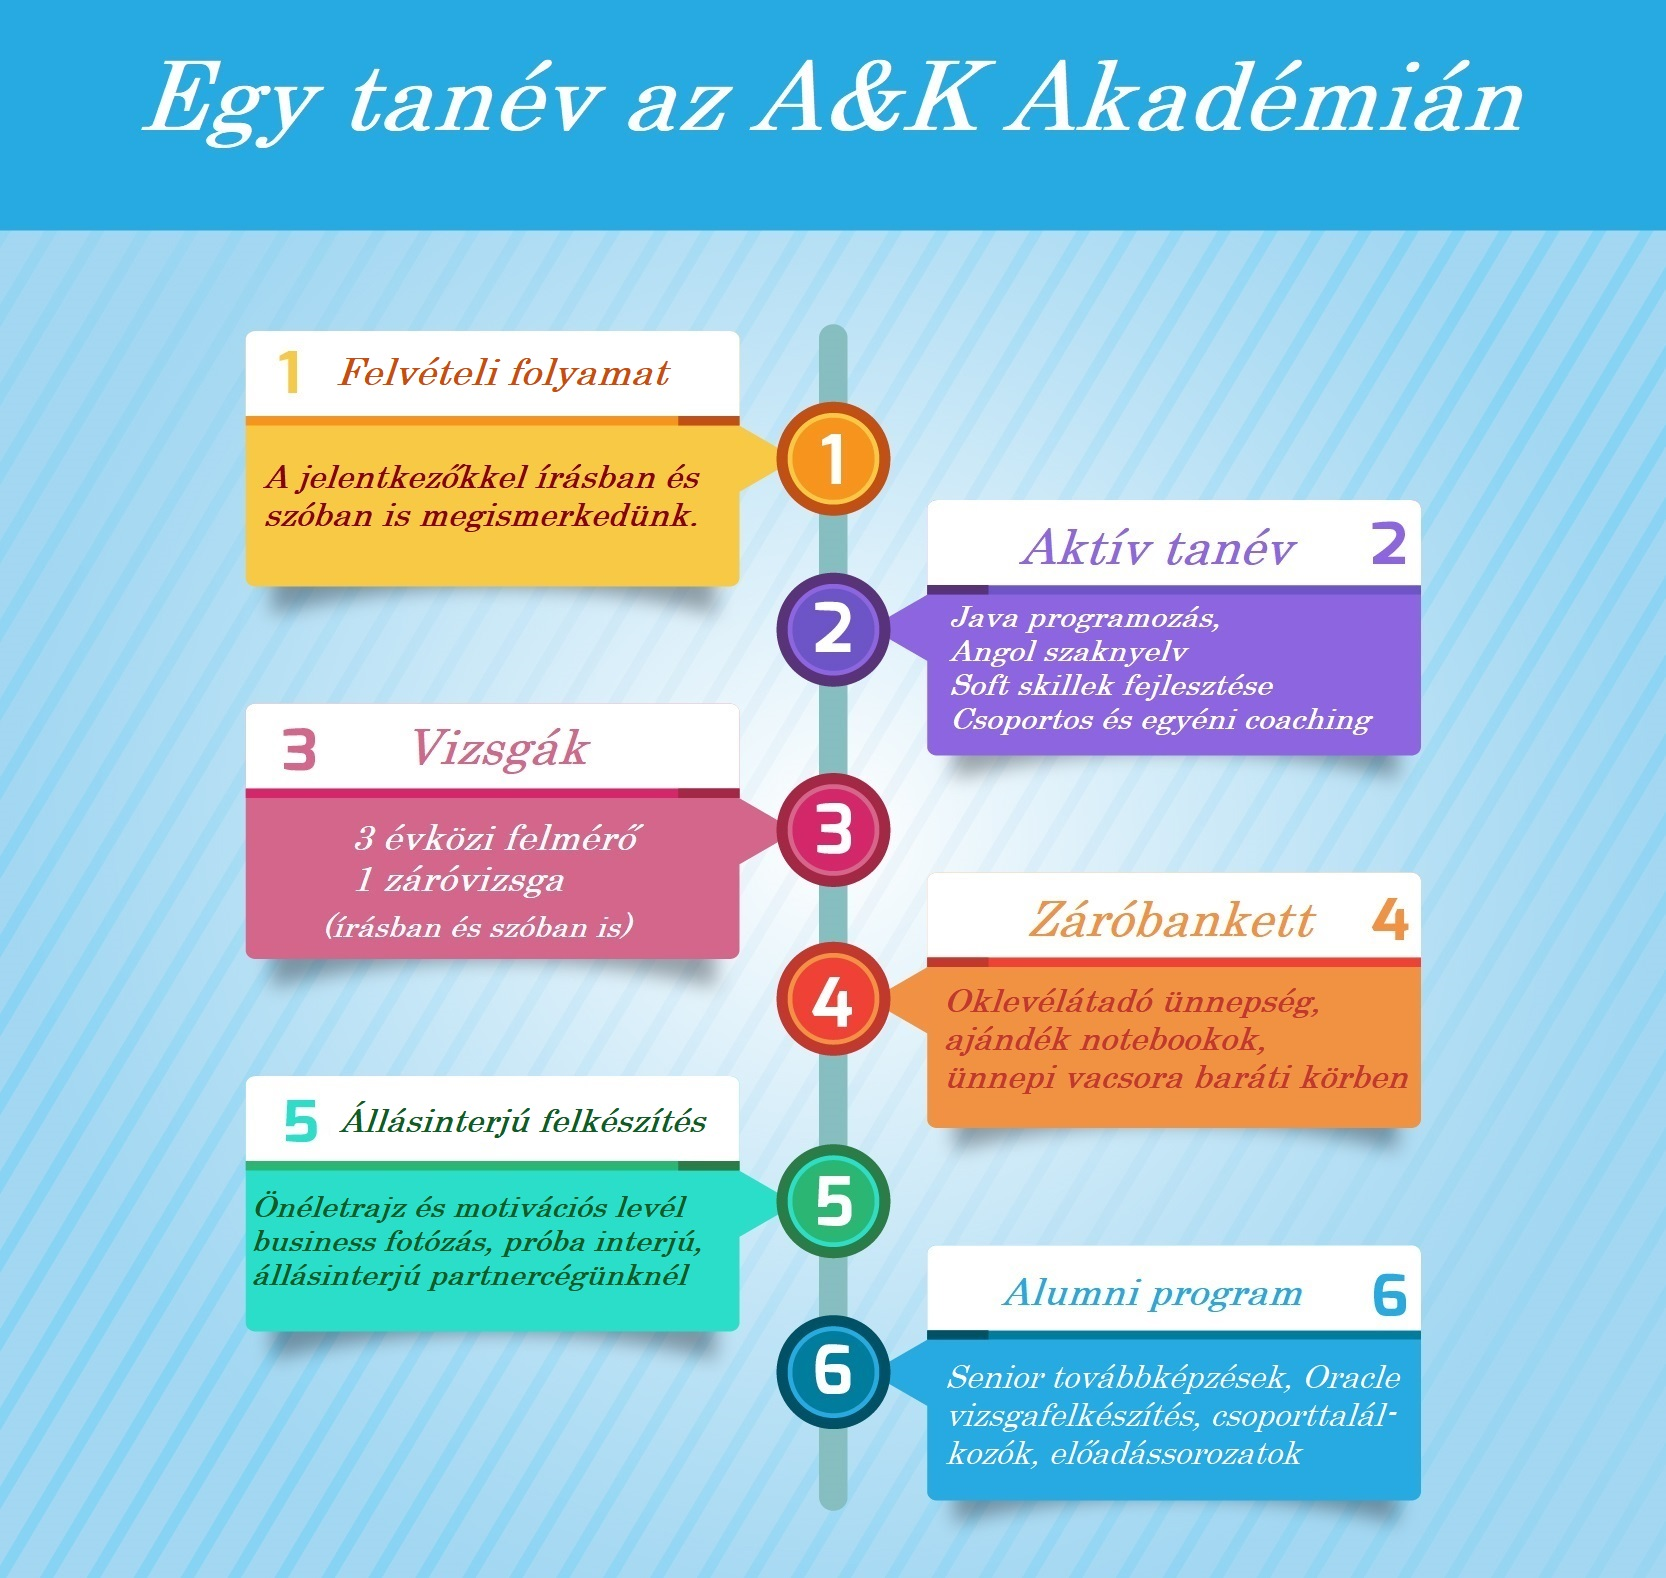 Programozó képzés tanévi rendje az A&K Akadémián - infografika